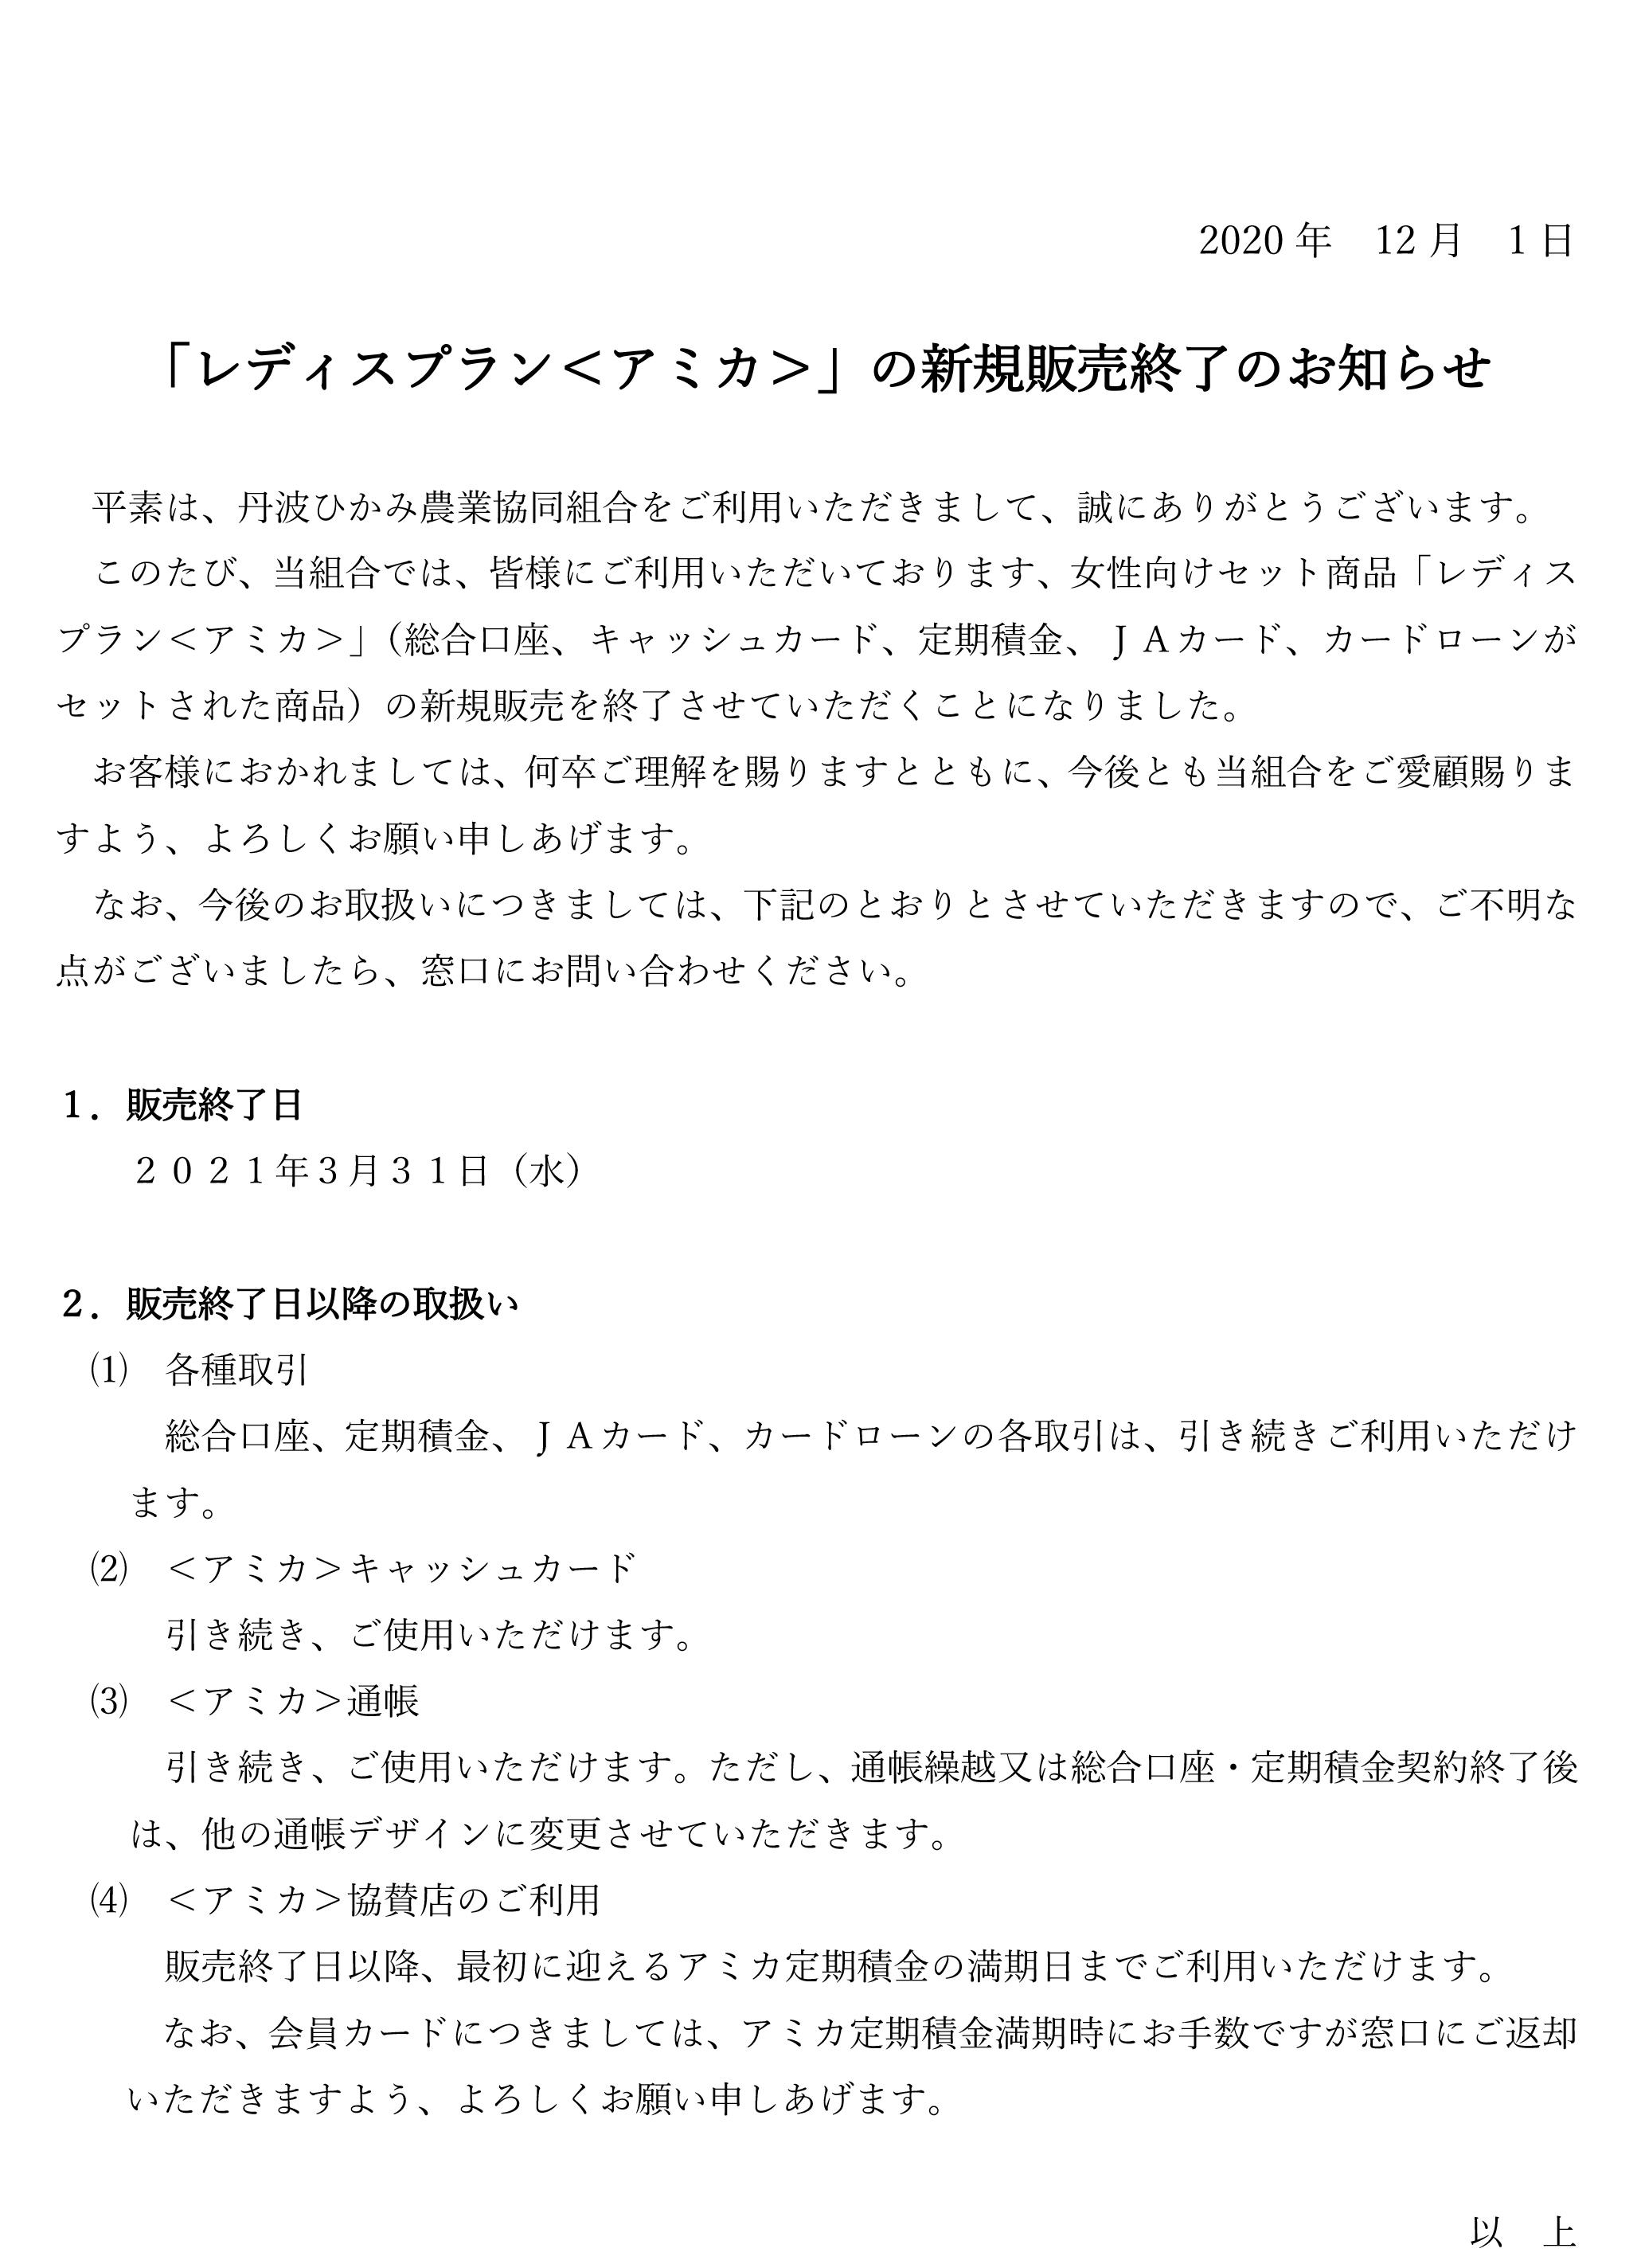 02 (別紙1)ホームページ・店舗掲示内容